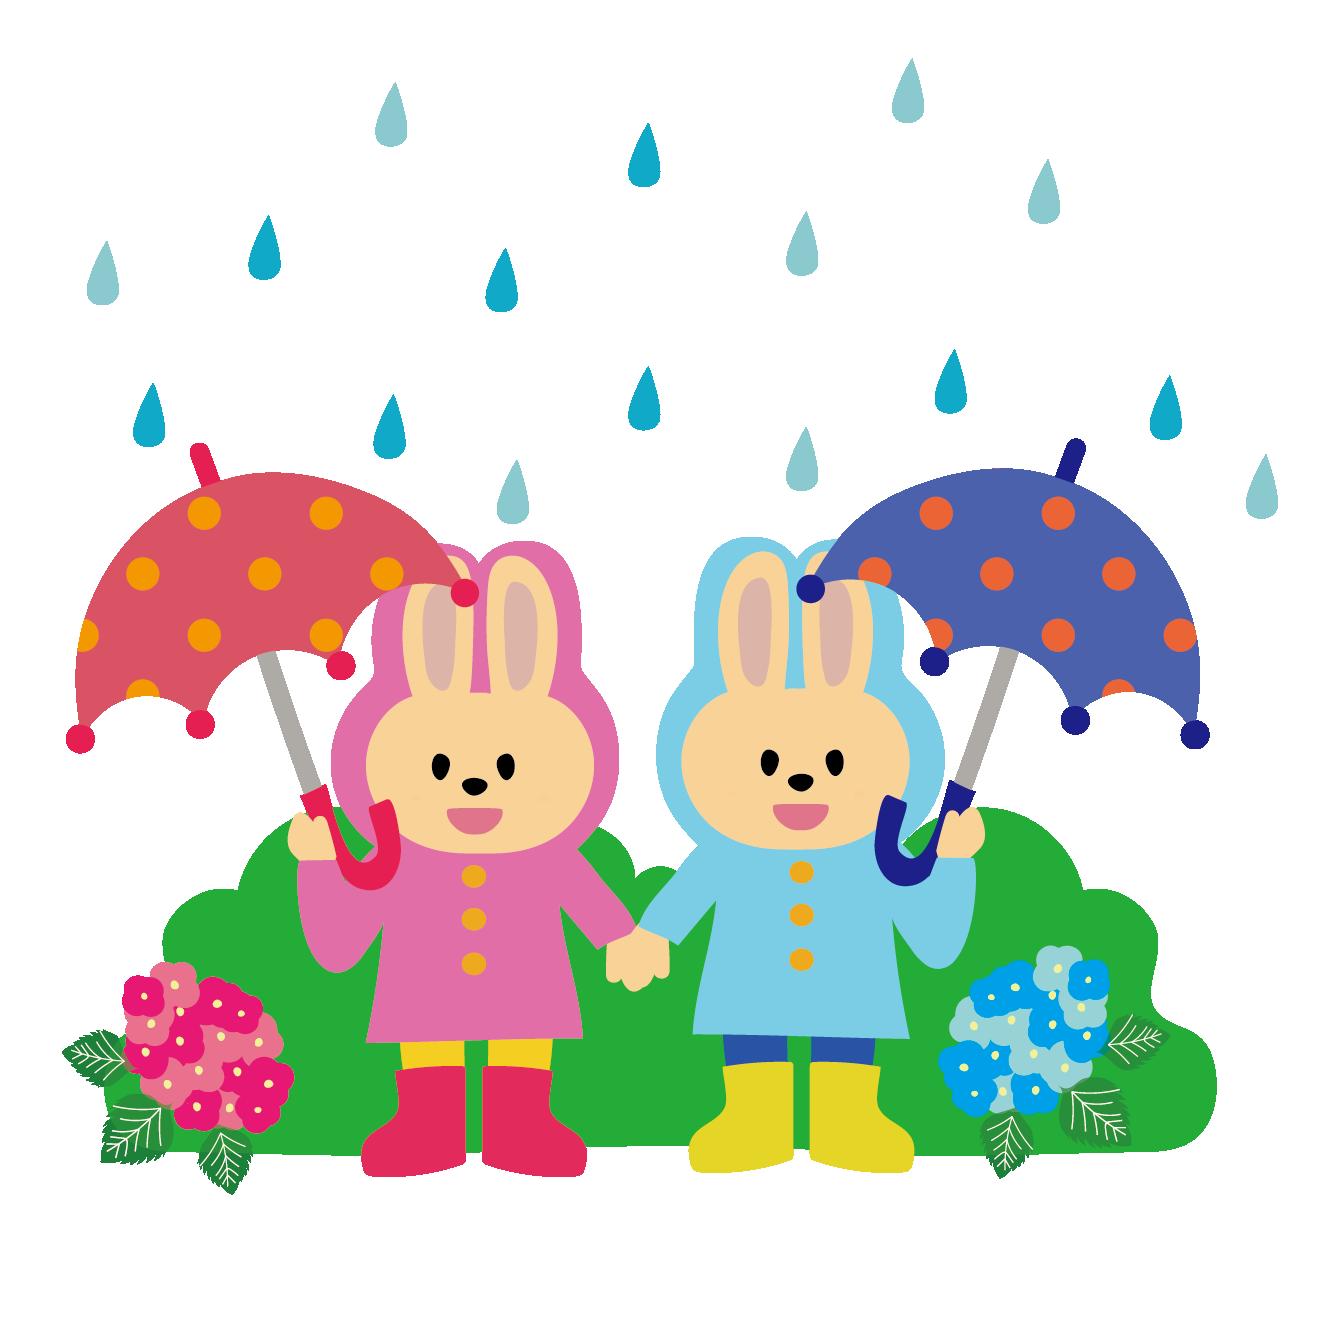 雨の日の登校傘をさしてレインコートを着たウサギさんのイラスト